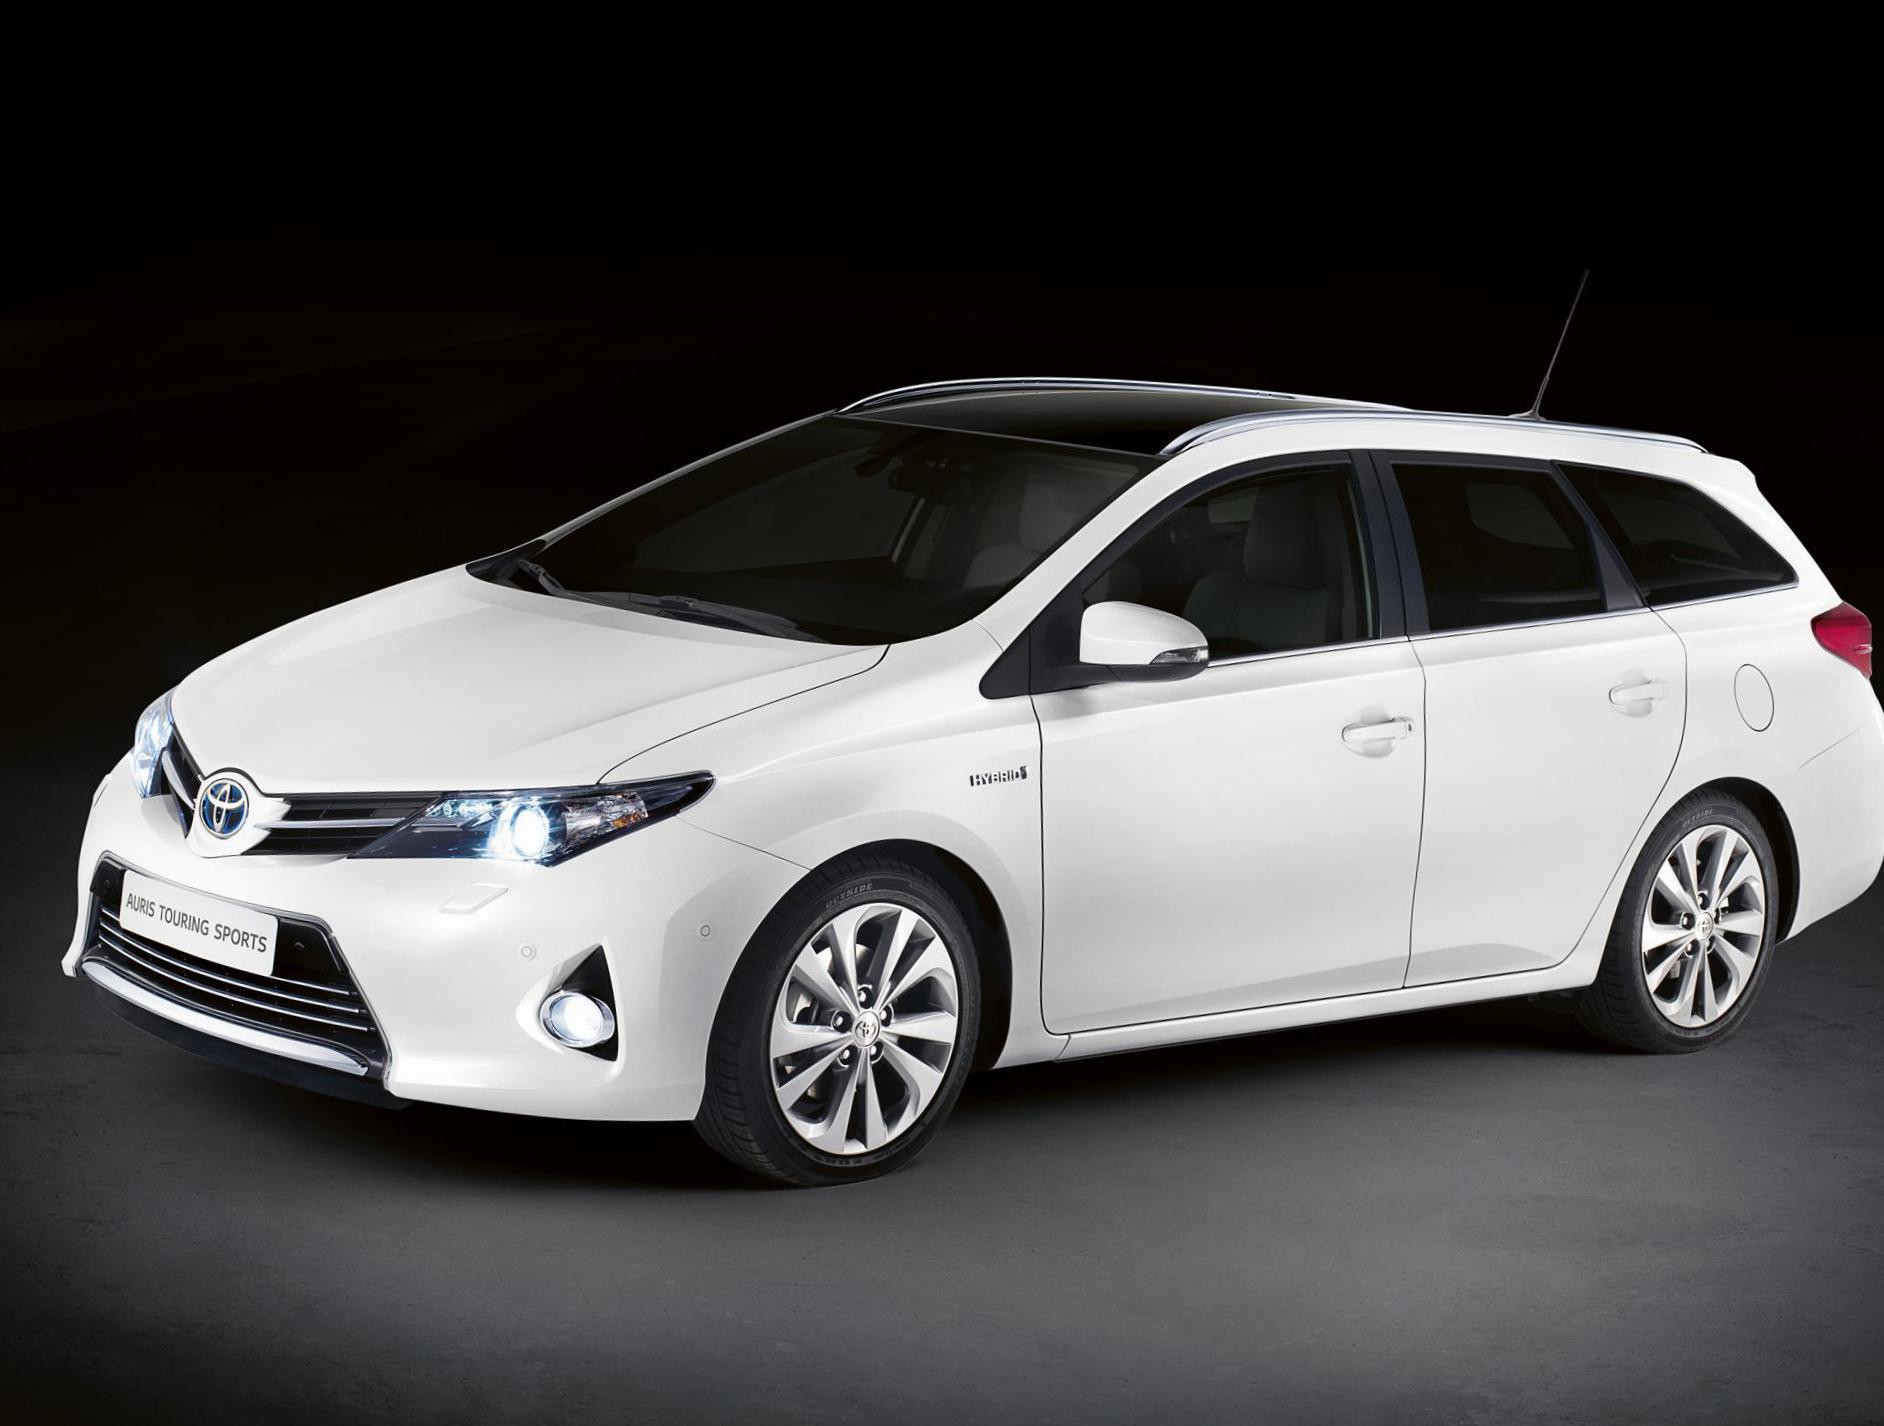 Toyota Auris Touring Sports Hybrid Photos And Specs Photo Toyota